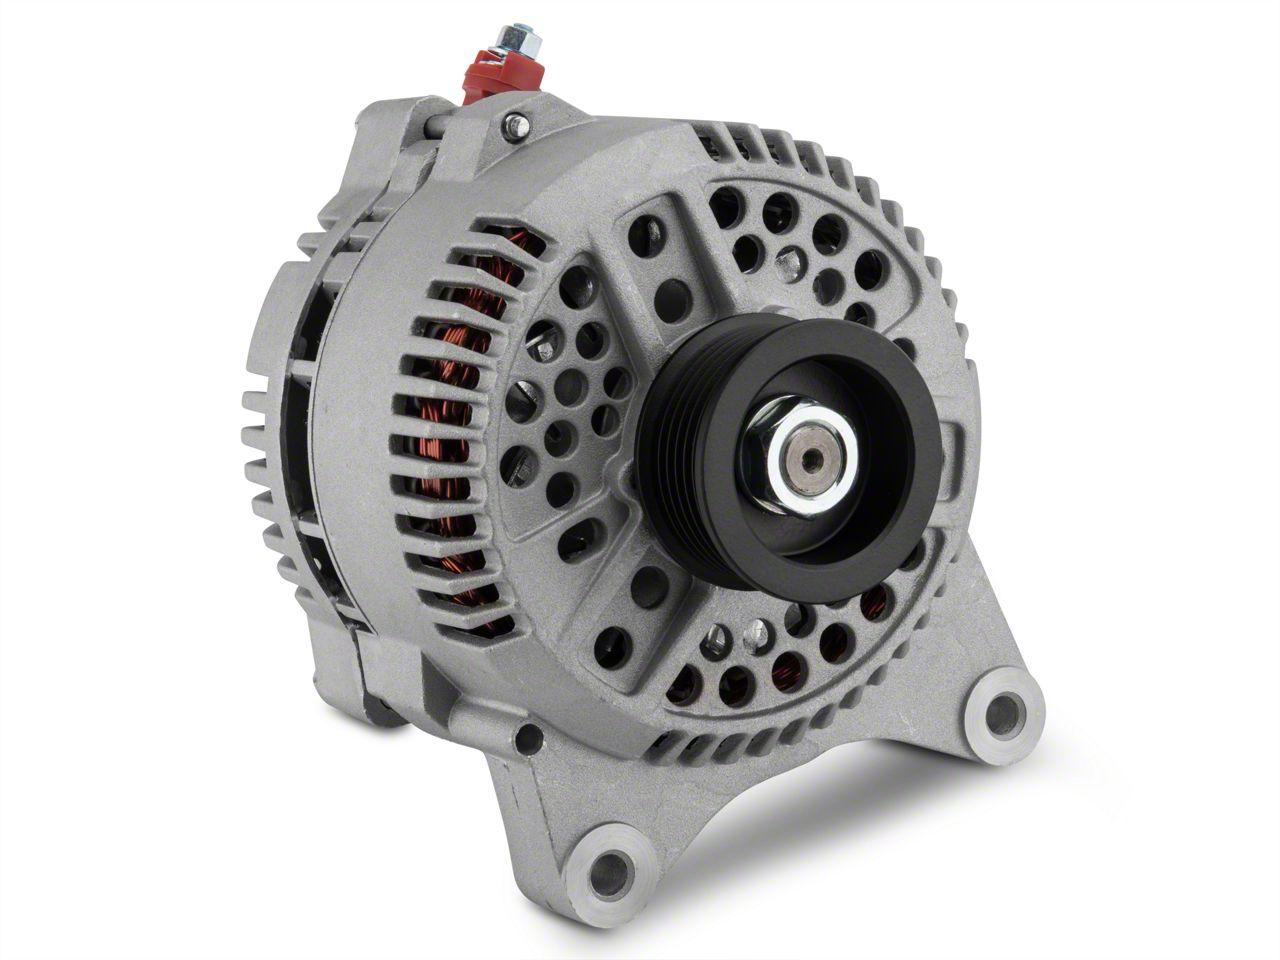 PA Performance Alternator - 160 Amp (97-Mid 03 4.6L F-150; 97-03 5.4L F-150)